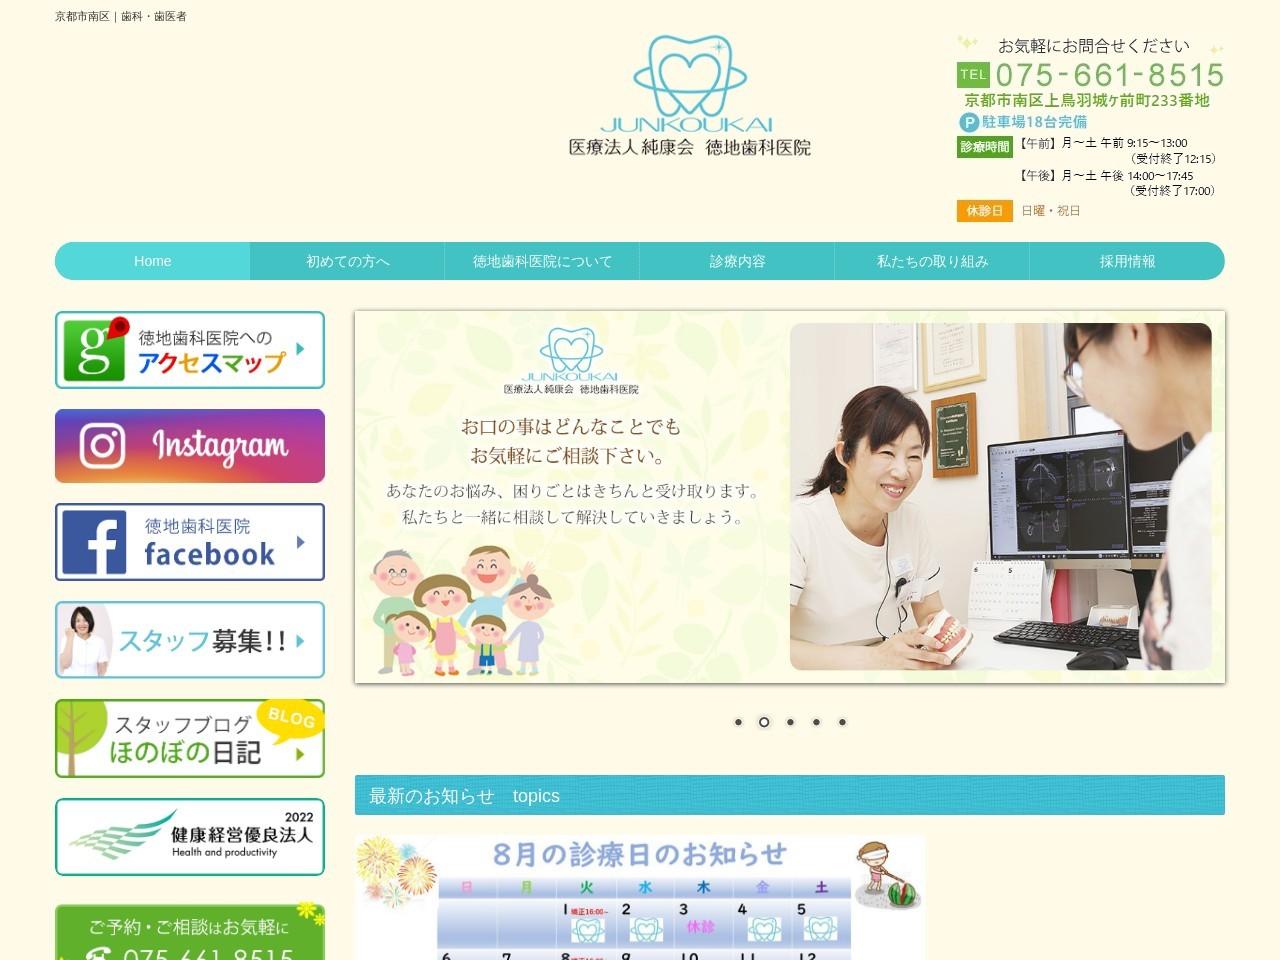 医療法人純康会  徳地歯科医院 (京都府京都市南区)